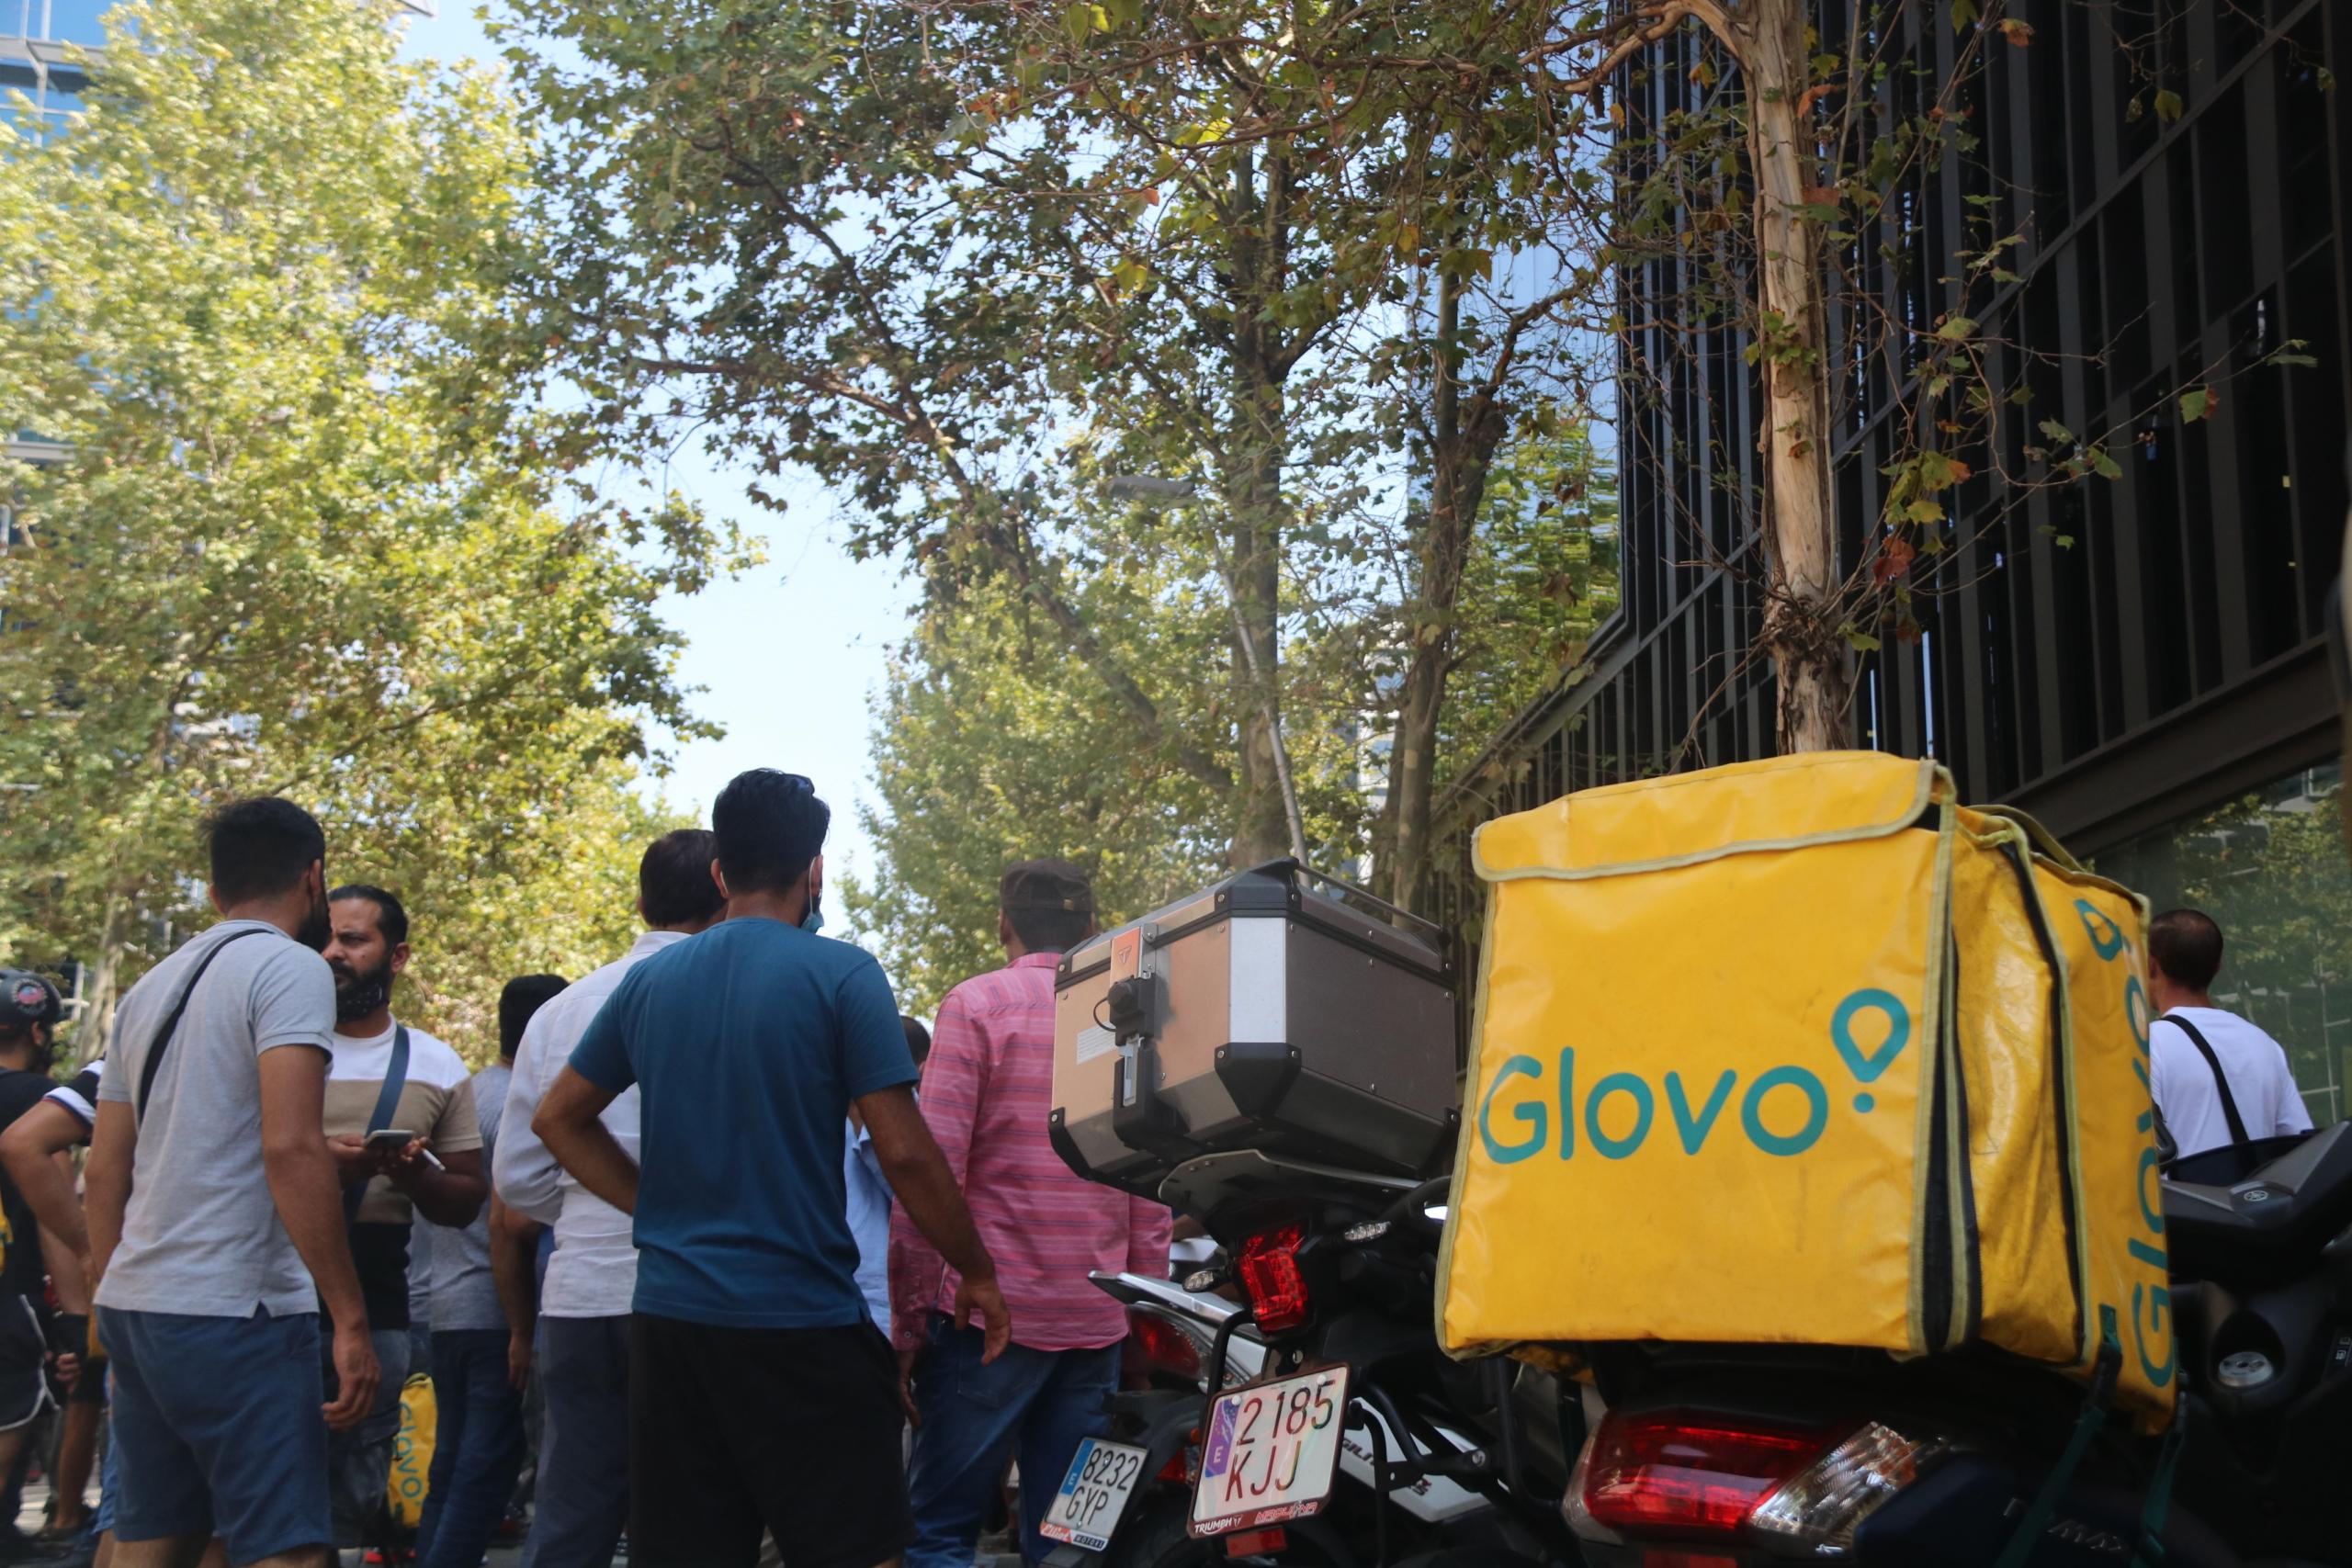 Pla obert d'una motxilla de Glovo davant la seu de l'empresa, situada al barri del Poblenou de Barcelona, on aquest dilluns s'han manifestat més d'un centenar de 'riders'. Imatge del 16 d'agost de 2021 | ACN